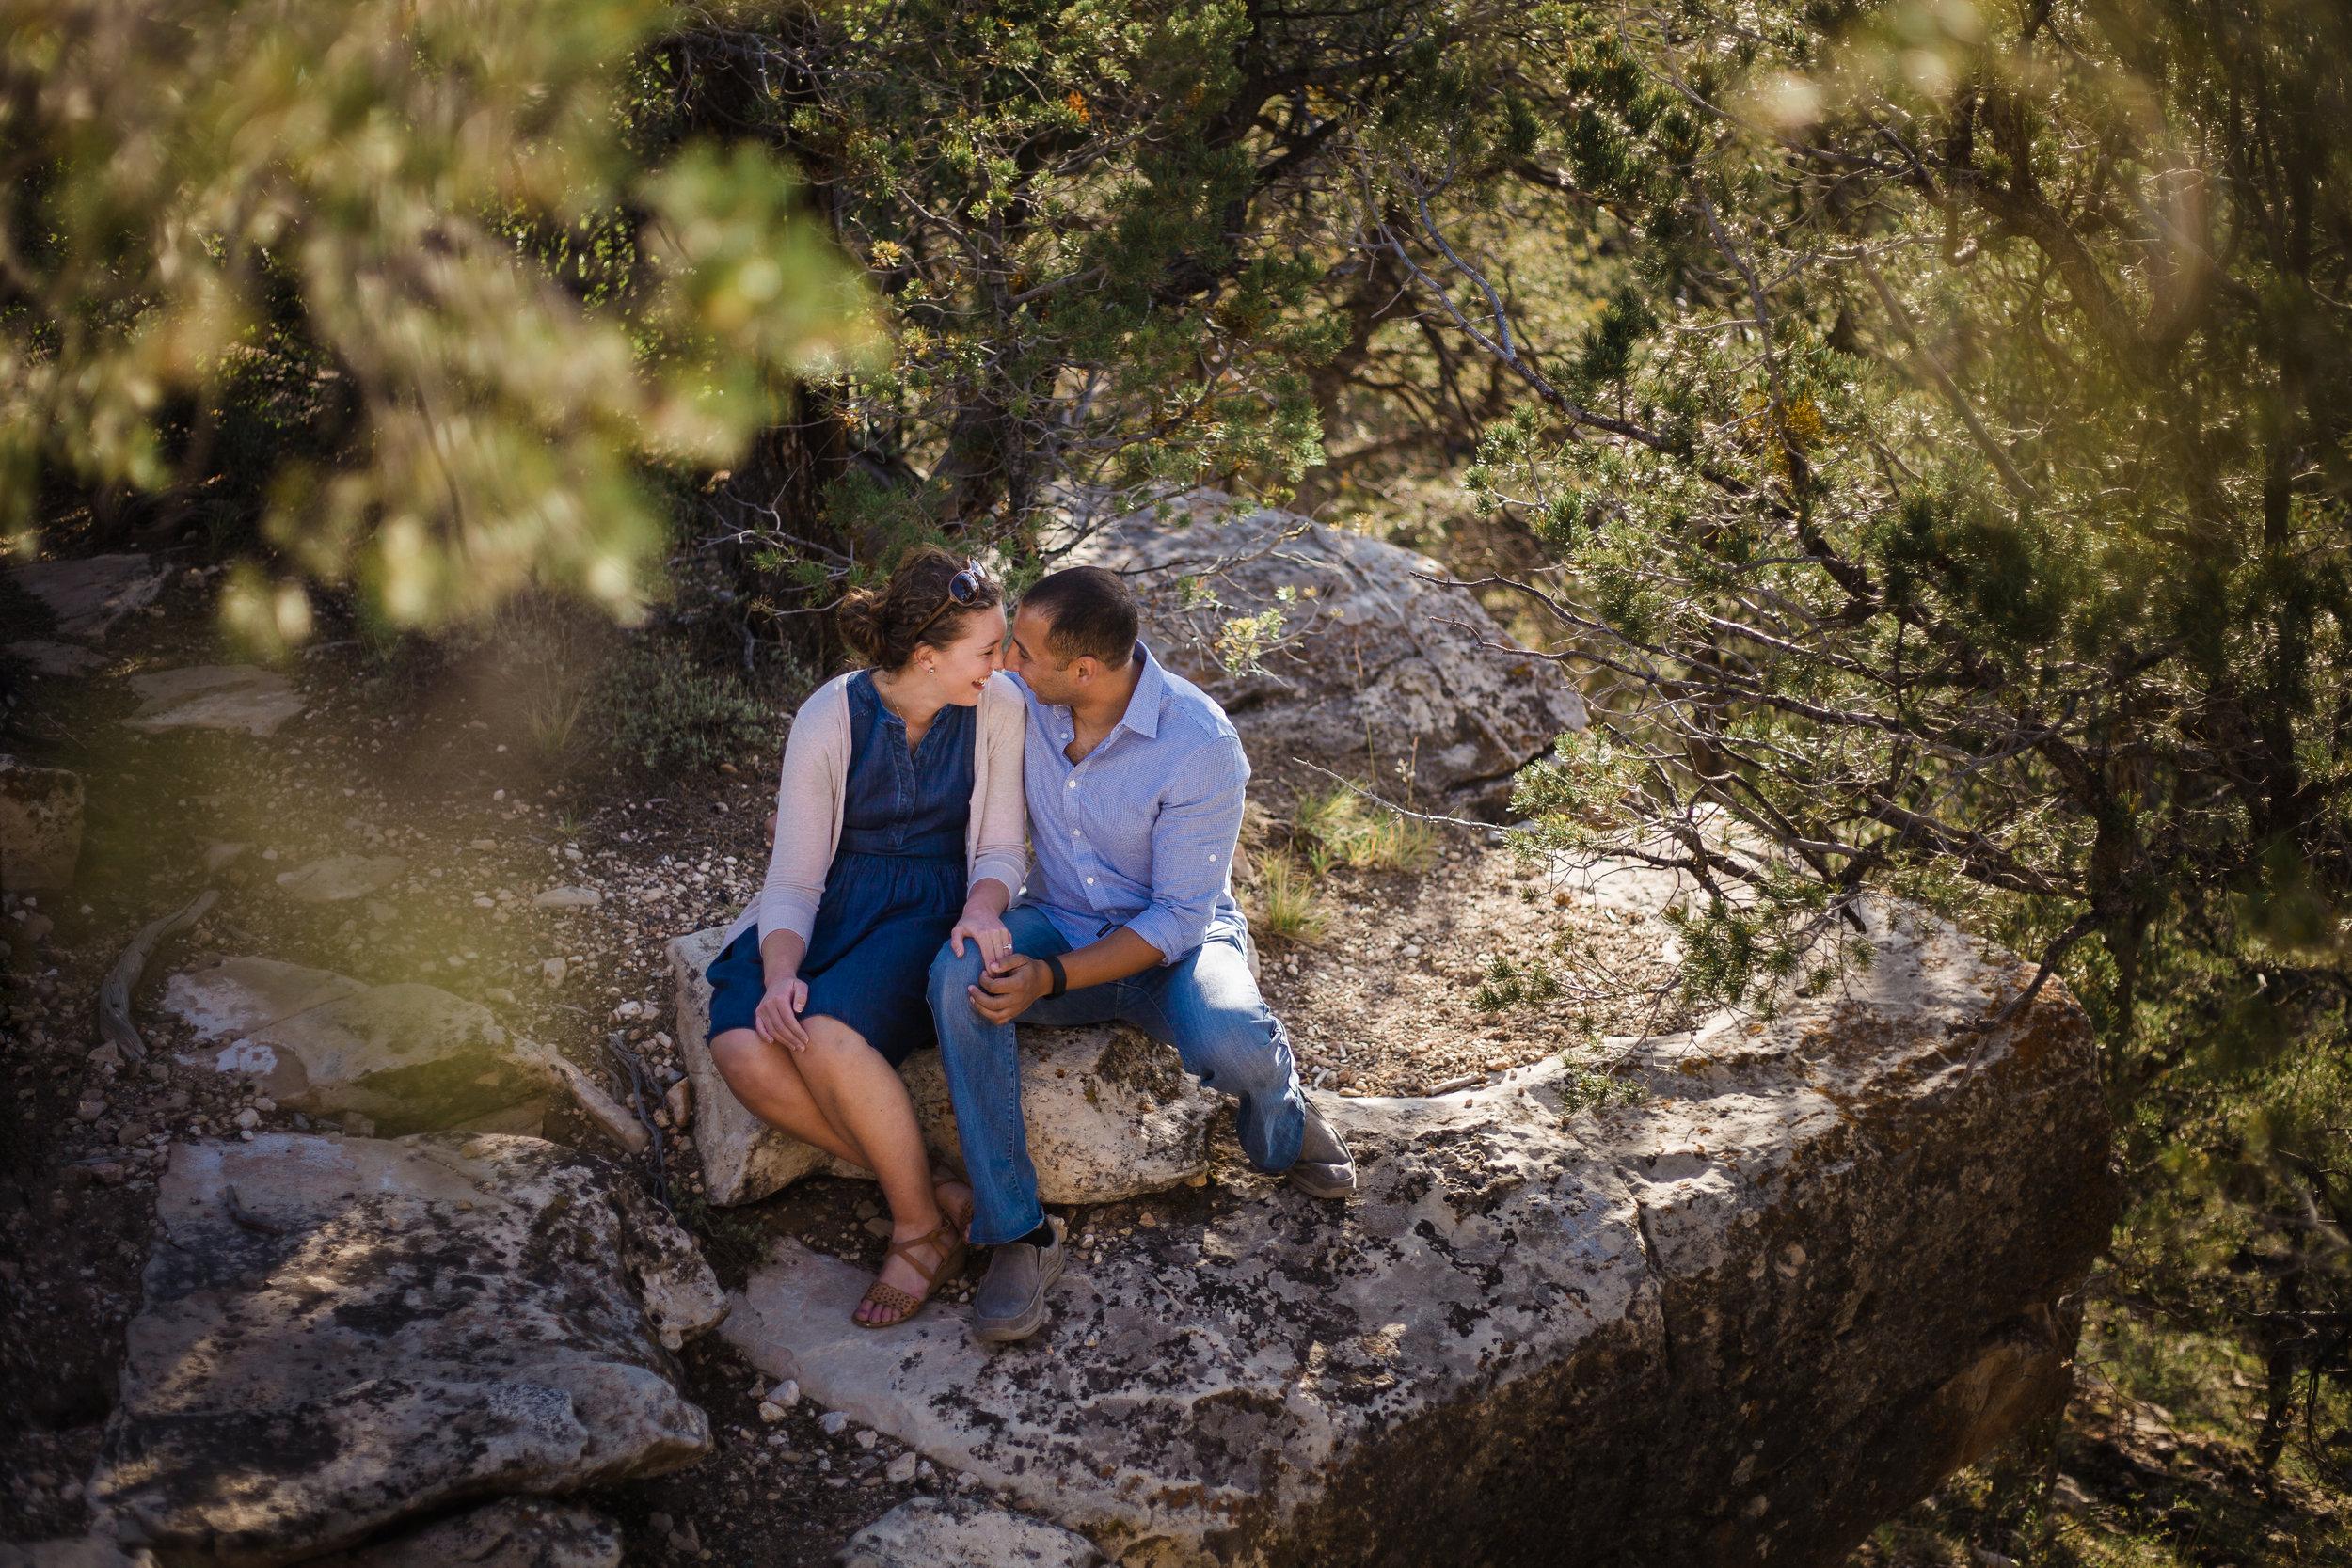 Just engaged at Grand Canyon